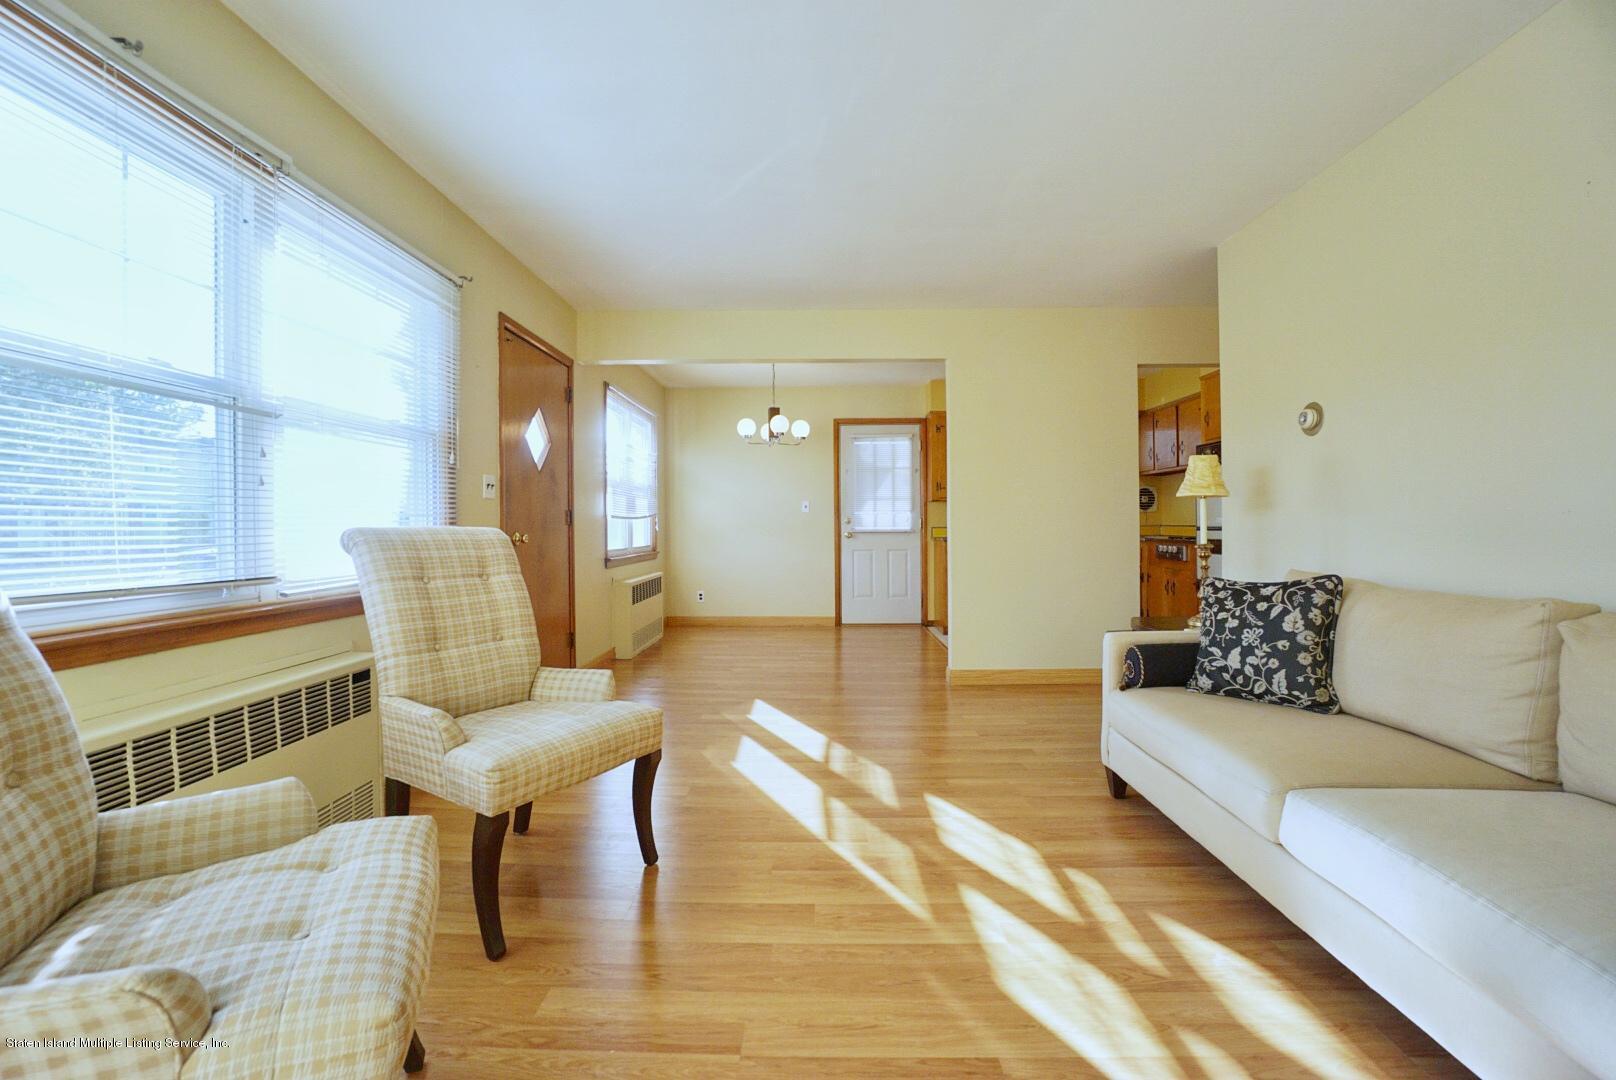 Single Family - Detached 215 Fairbanks Avenue  Staten Island, NY 10306, MLS-1138817-8